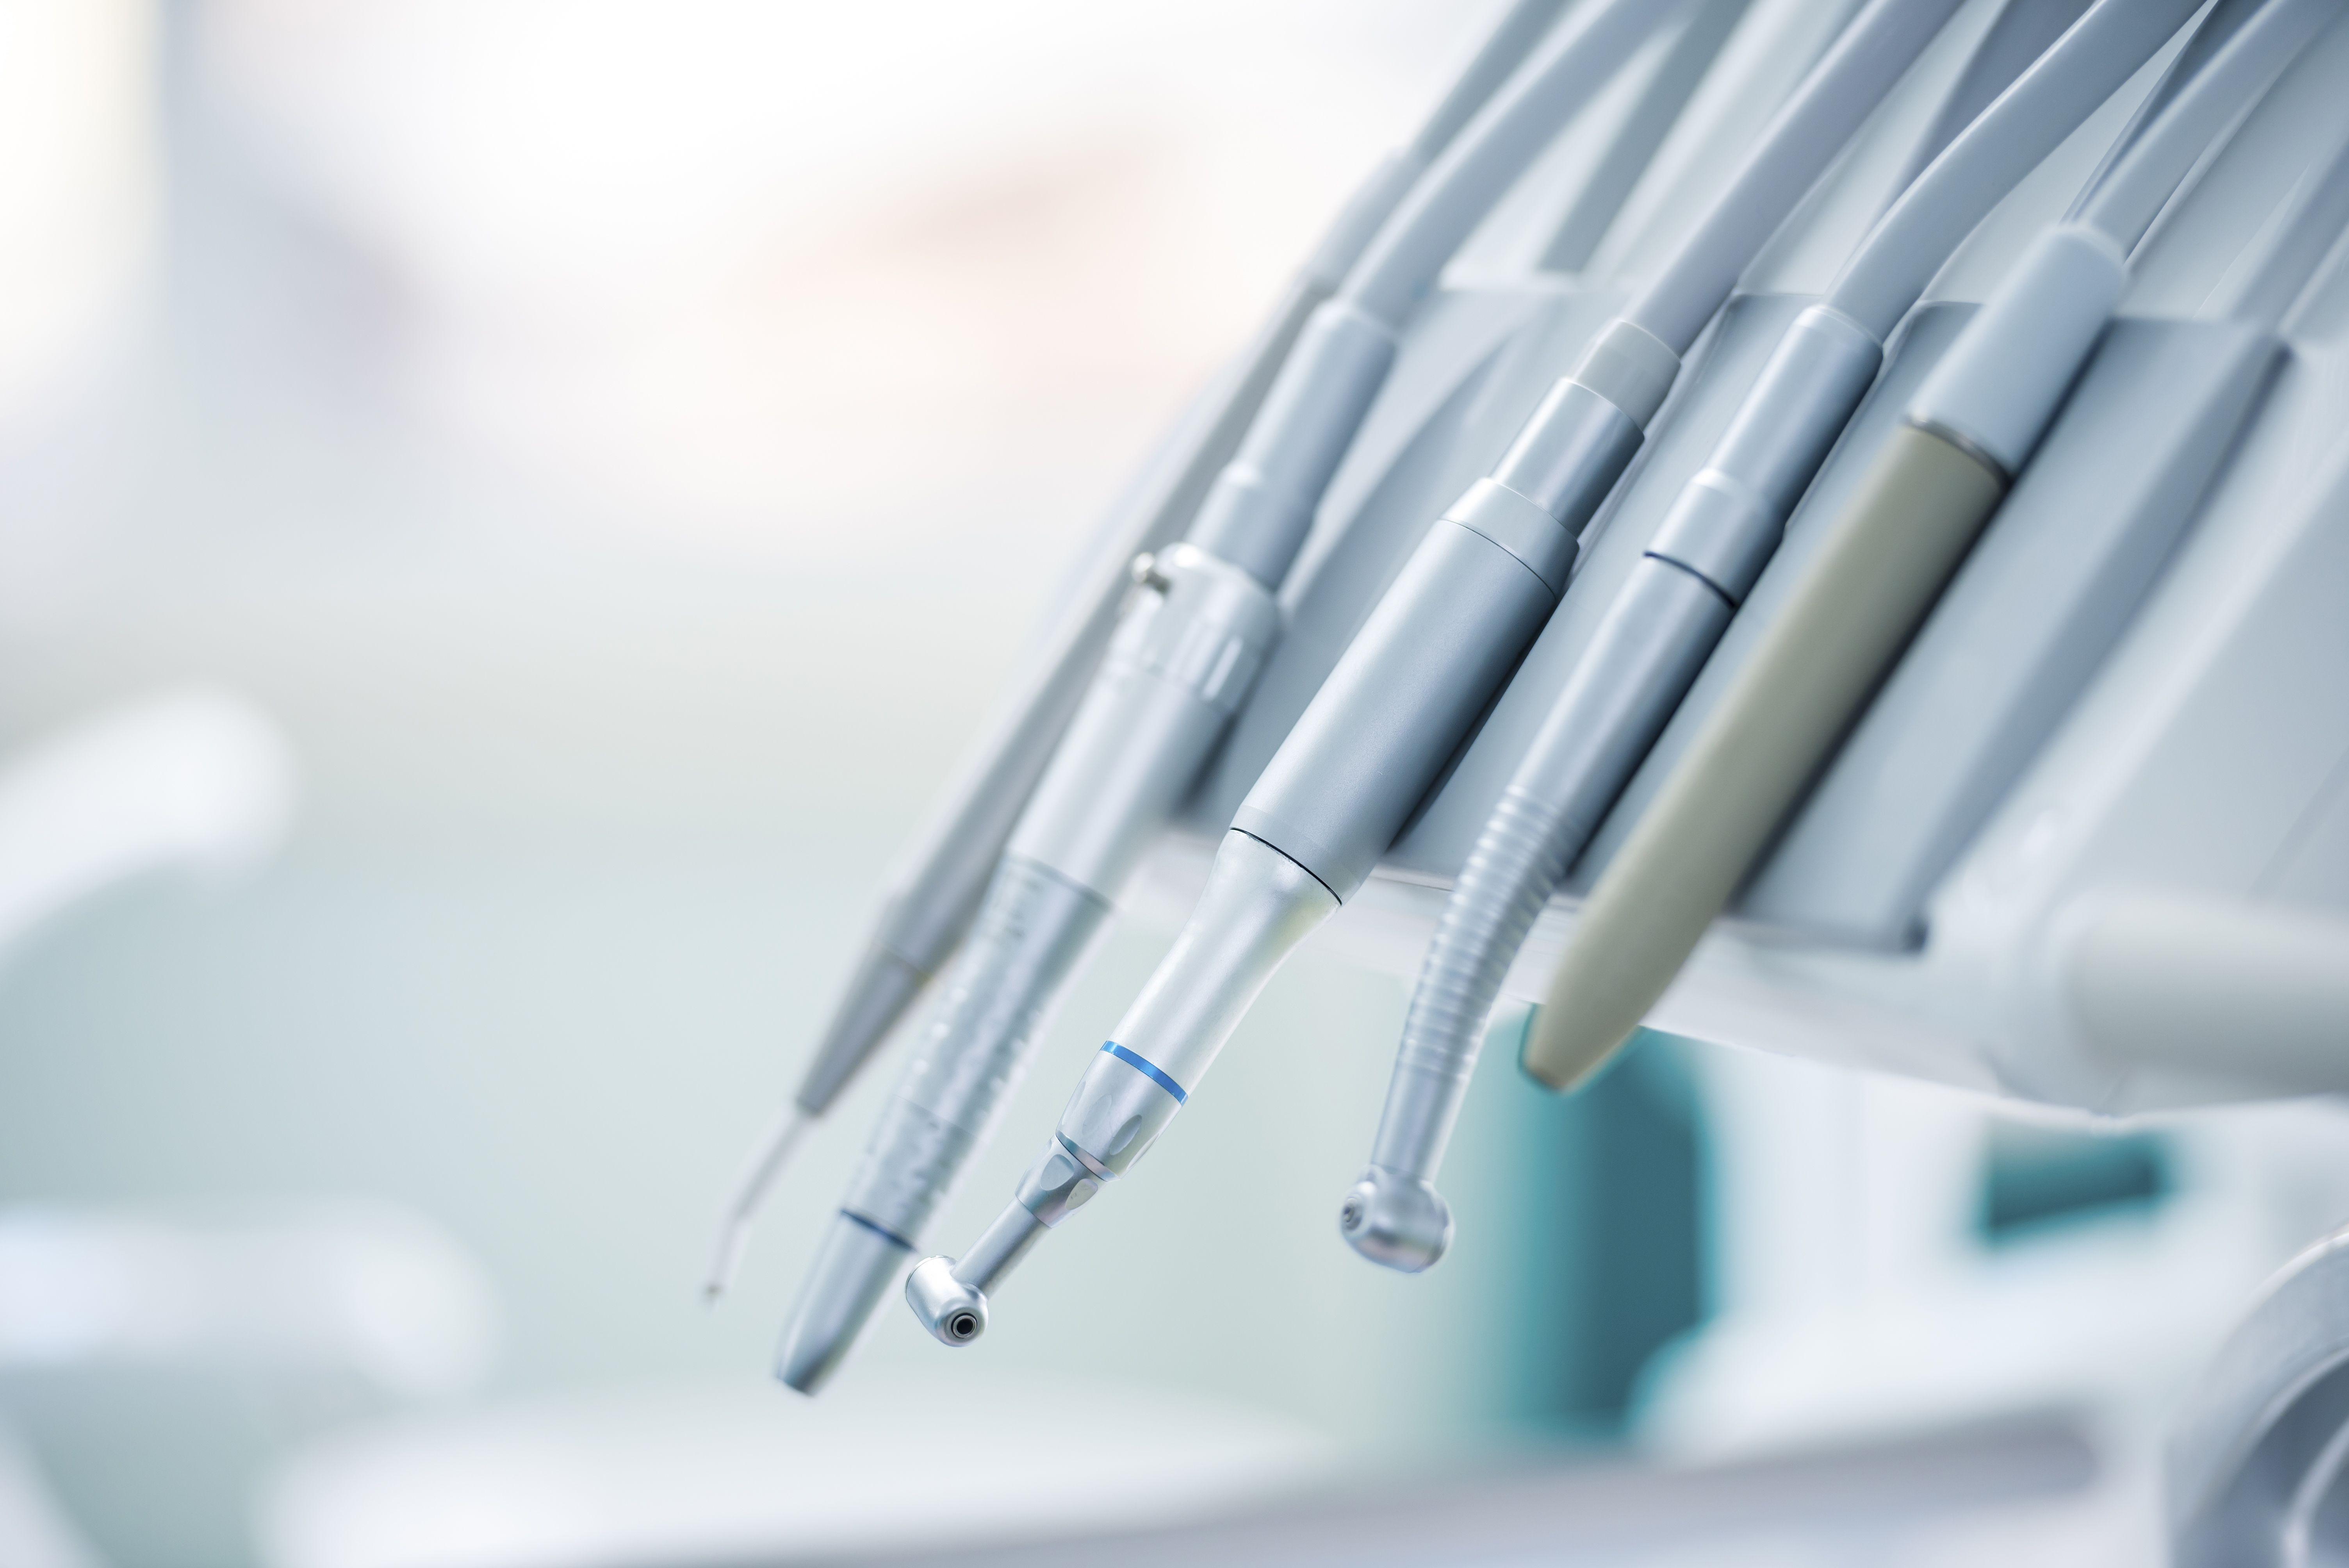 Implantes dentales en San Sebastián de los Reyes